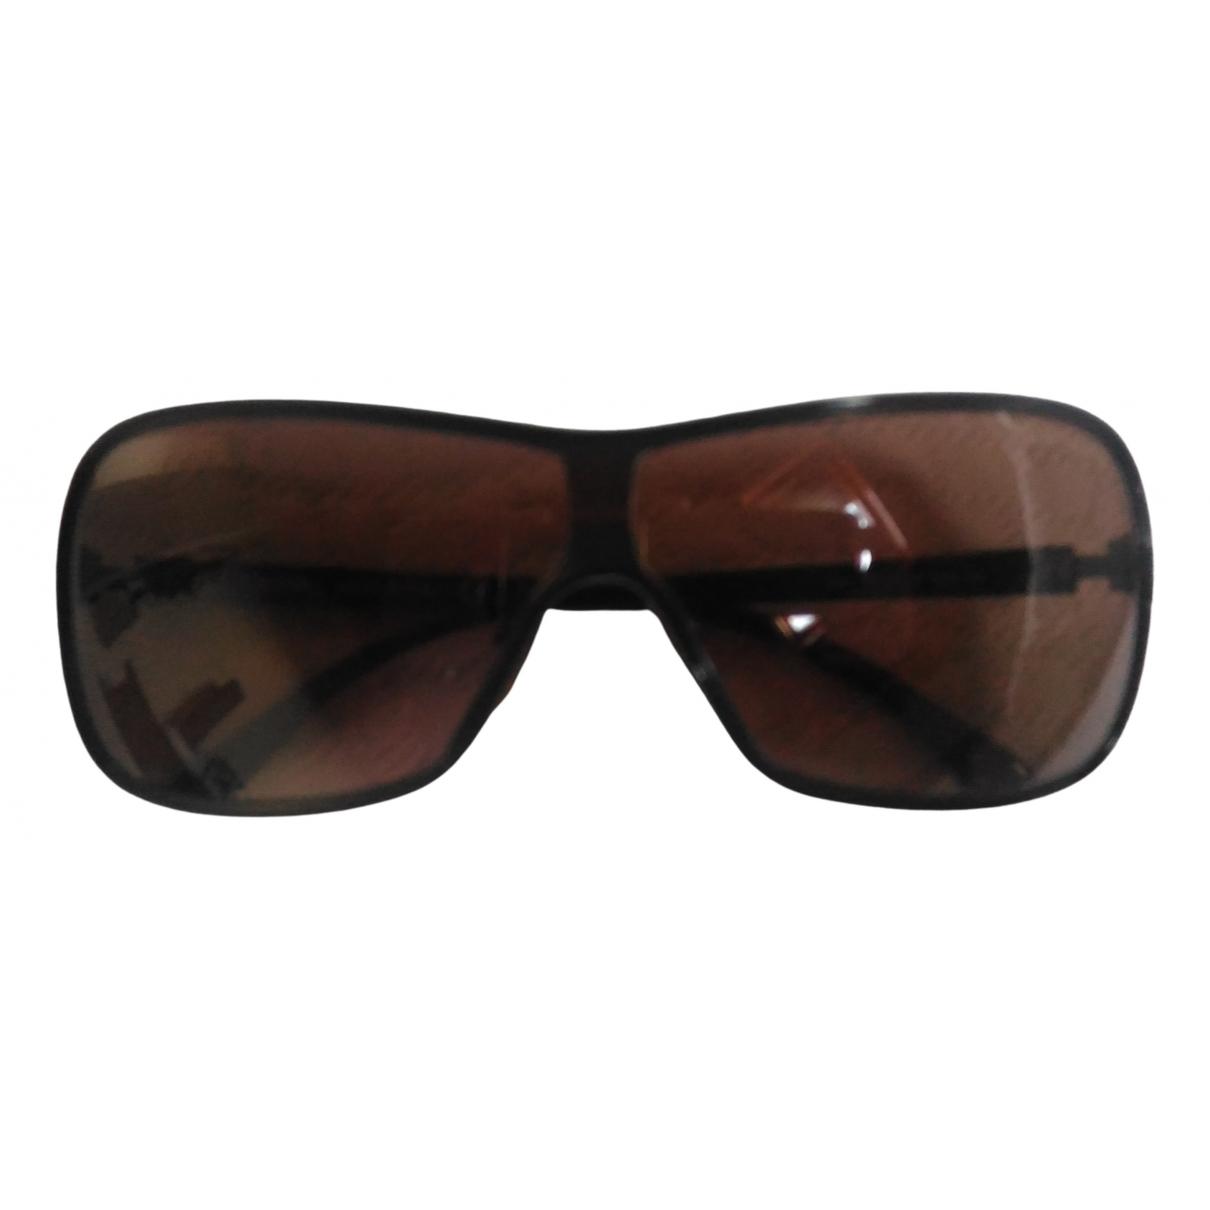 Gafas mascara Tom Ford